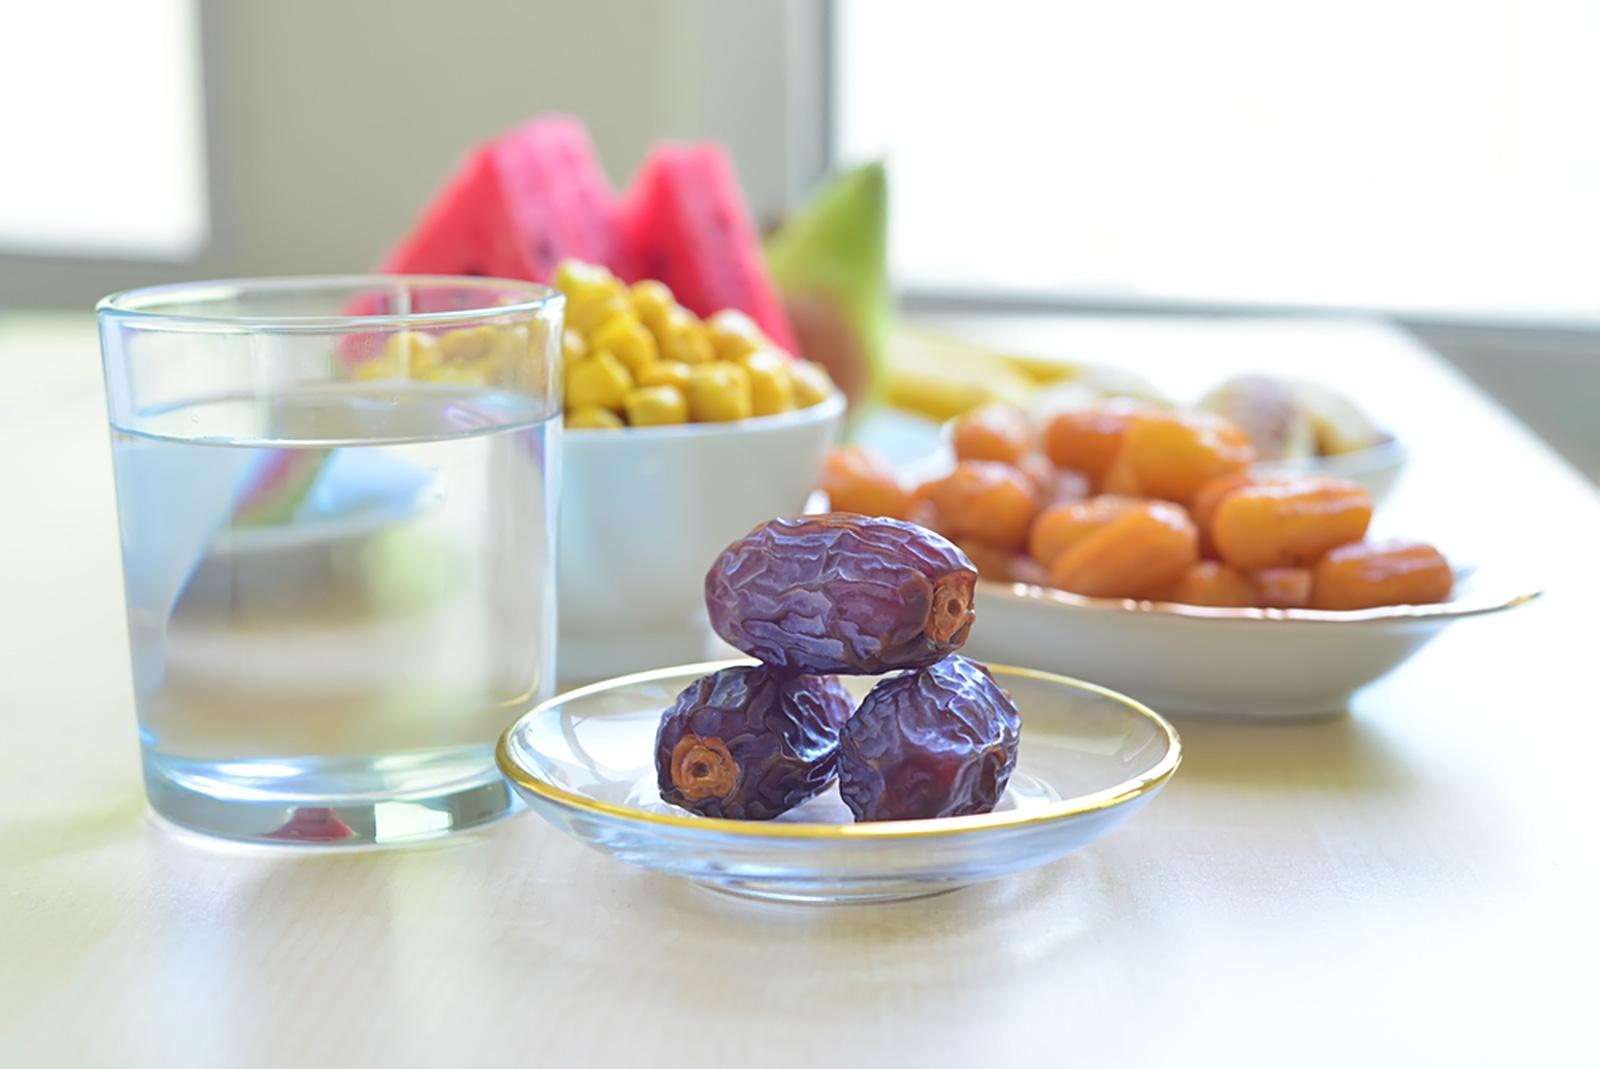 Время сухура и интафа во время рамадана 2019 года важно начинать и заканчивать правильно | lifestyle | селдон новости